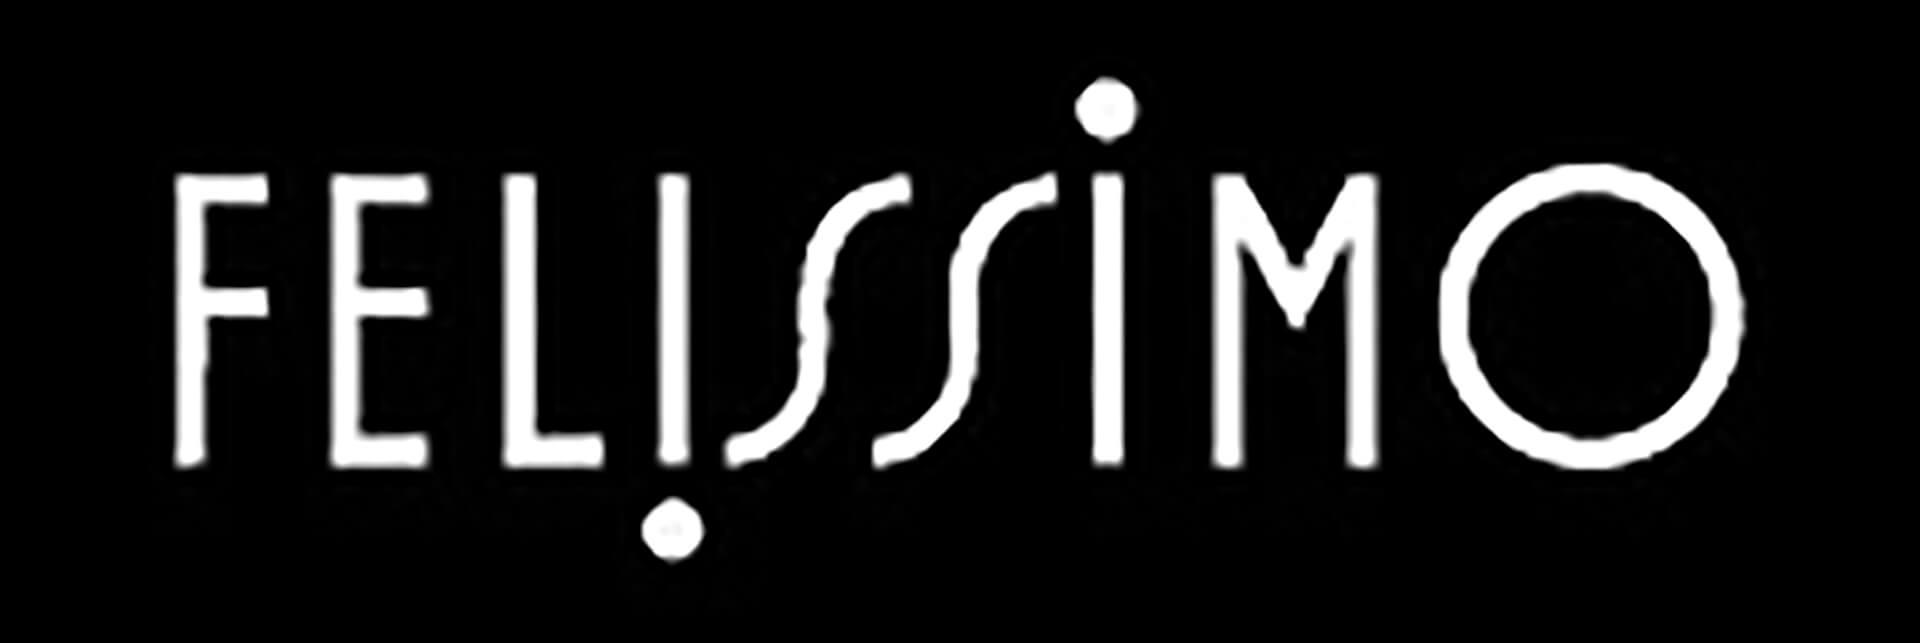 フェリッシモ・ロゴ